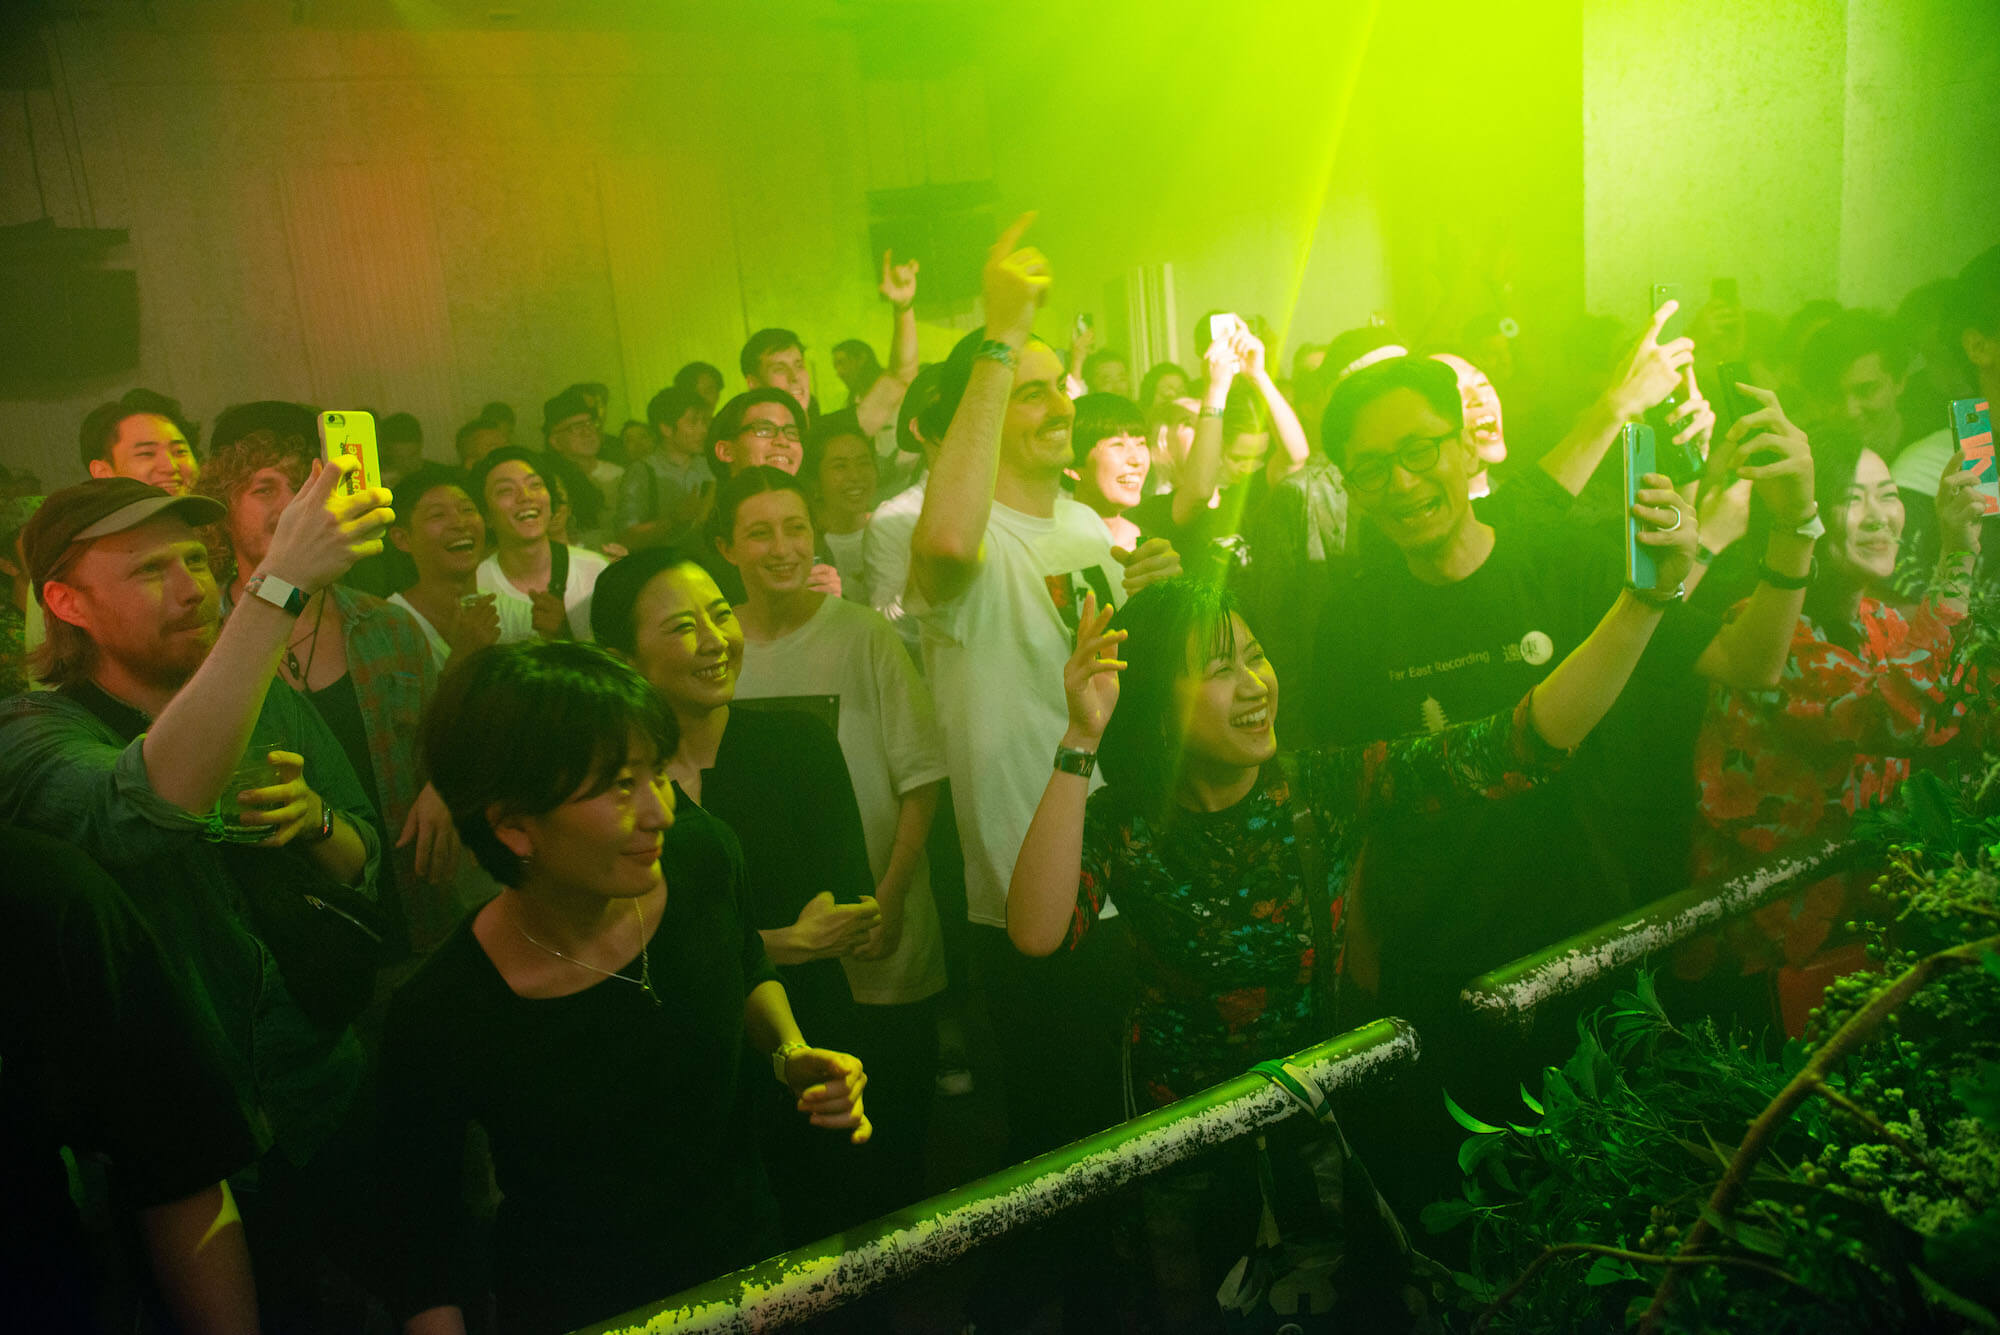 【イベントレポ】KEWL|Soichi Terada × Shinichiro Yokotaが生み出した魔法の景色 music18-kewl-soichi-terada-shinichiro-yokota-17